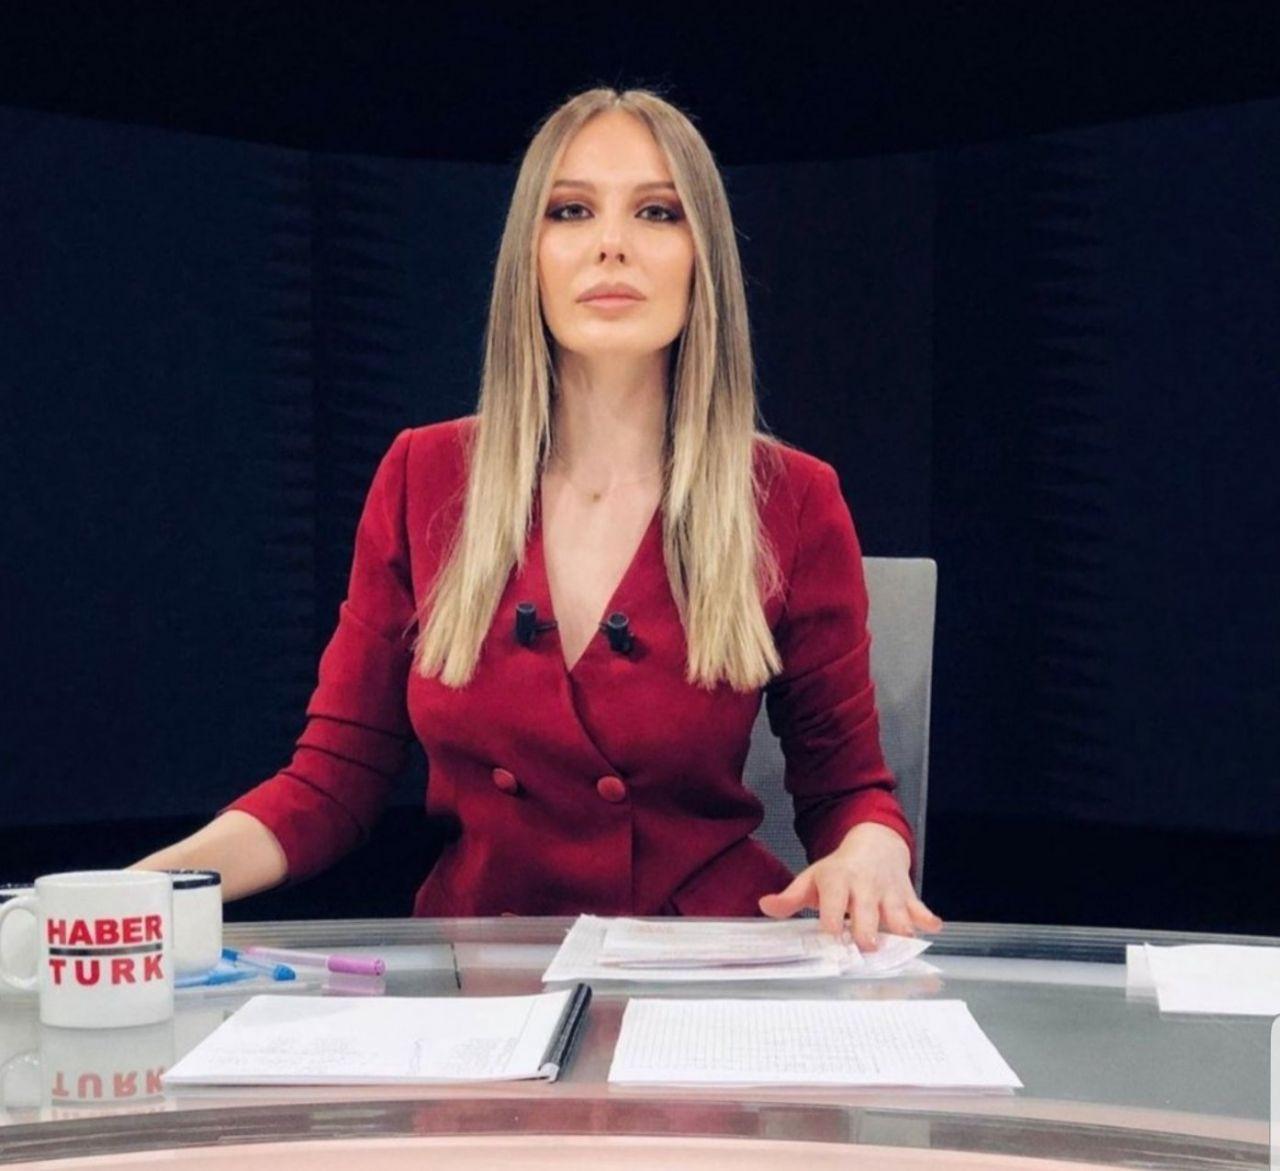 Hande Sarıoğlu dans videosu sosyal medyada patlayınca işinden oldu - Page 3